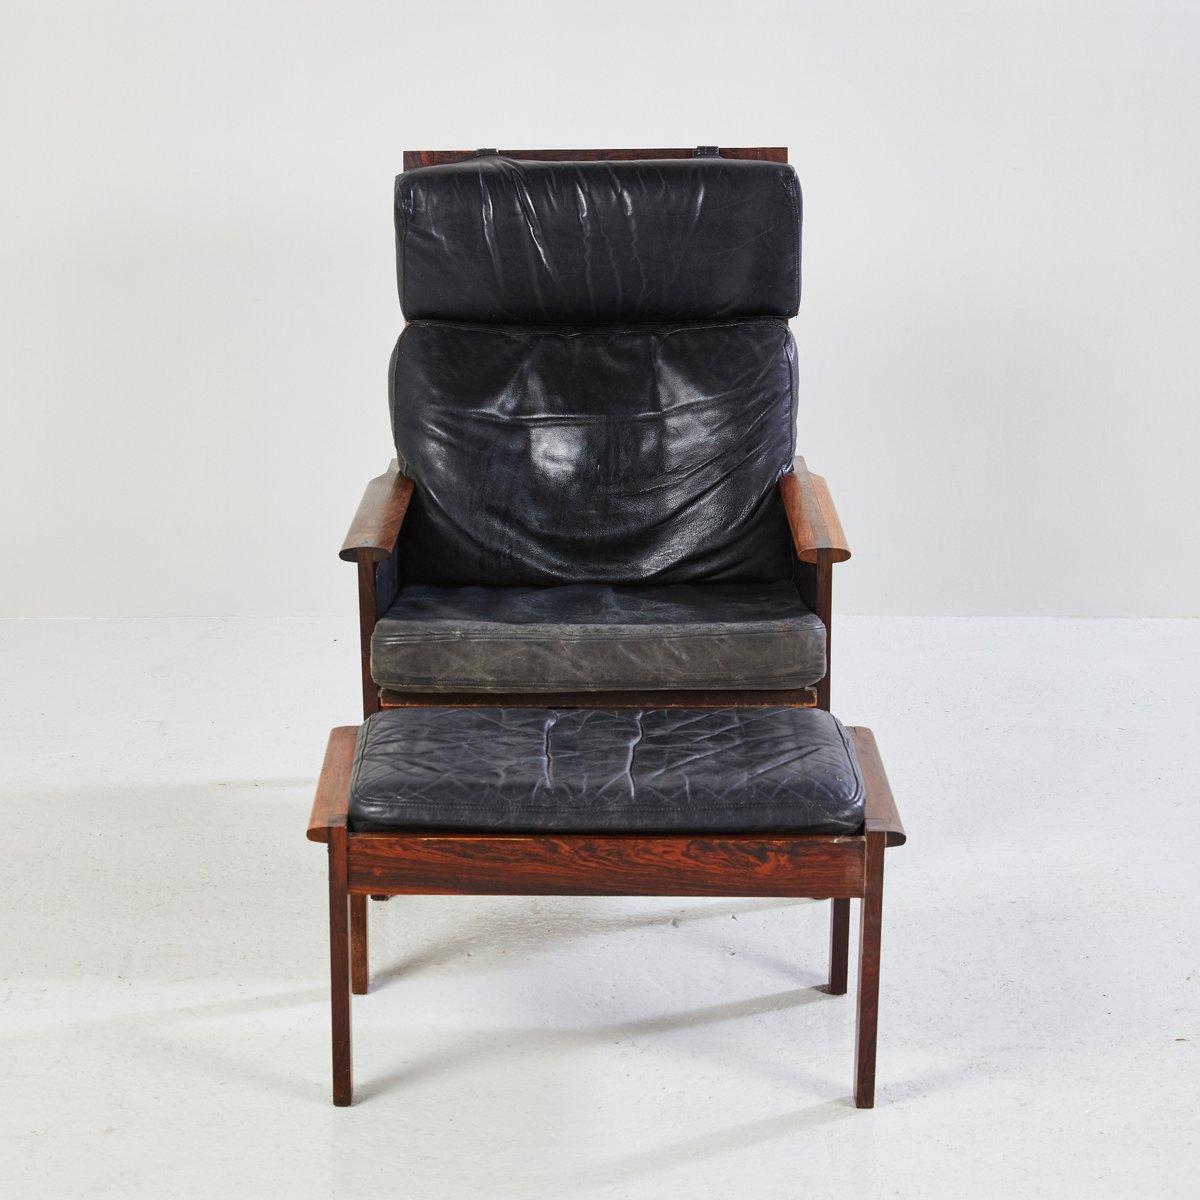 d nischer capella sessel mit fu hocker von illum wikkels f r niels eilersen 1950er bei pamono. Black Bedroom Furniture Sets. Home Design Ideas